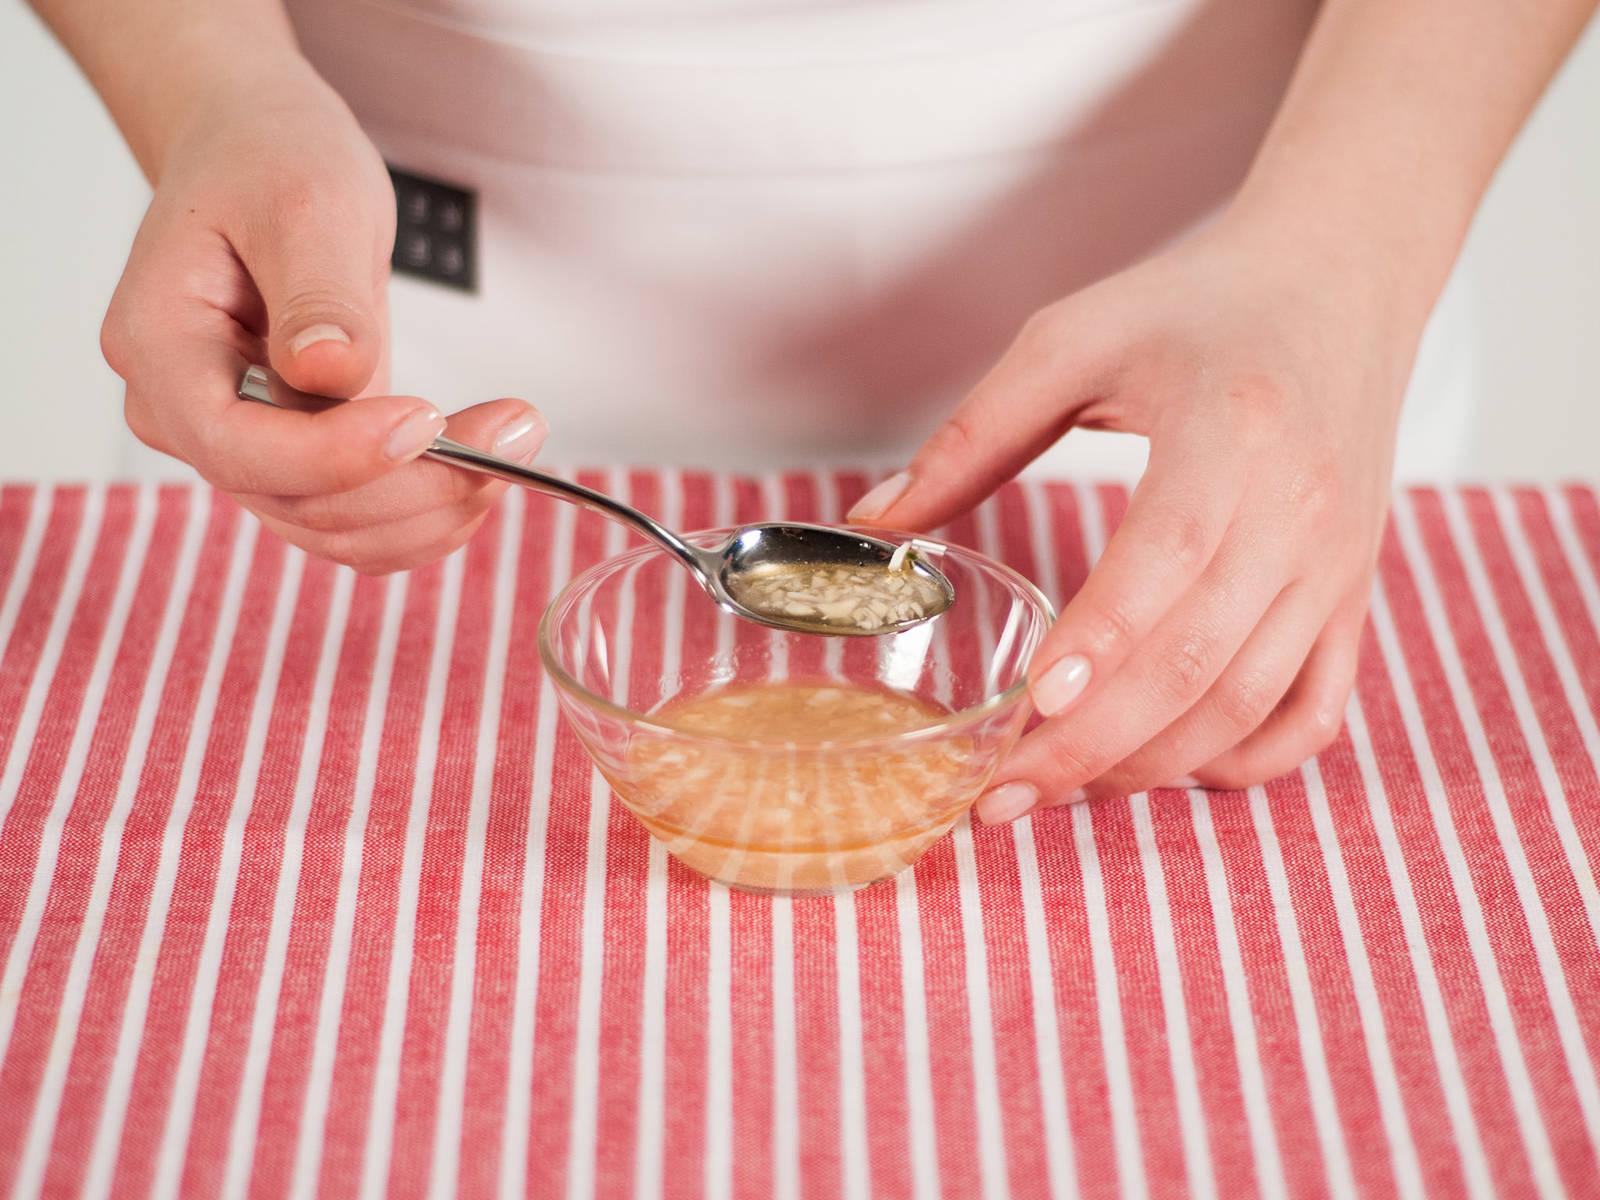 在小碗中加入醋,香麻油,盐,糖和蒜碎搅拌均匀。